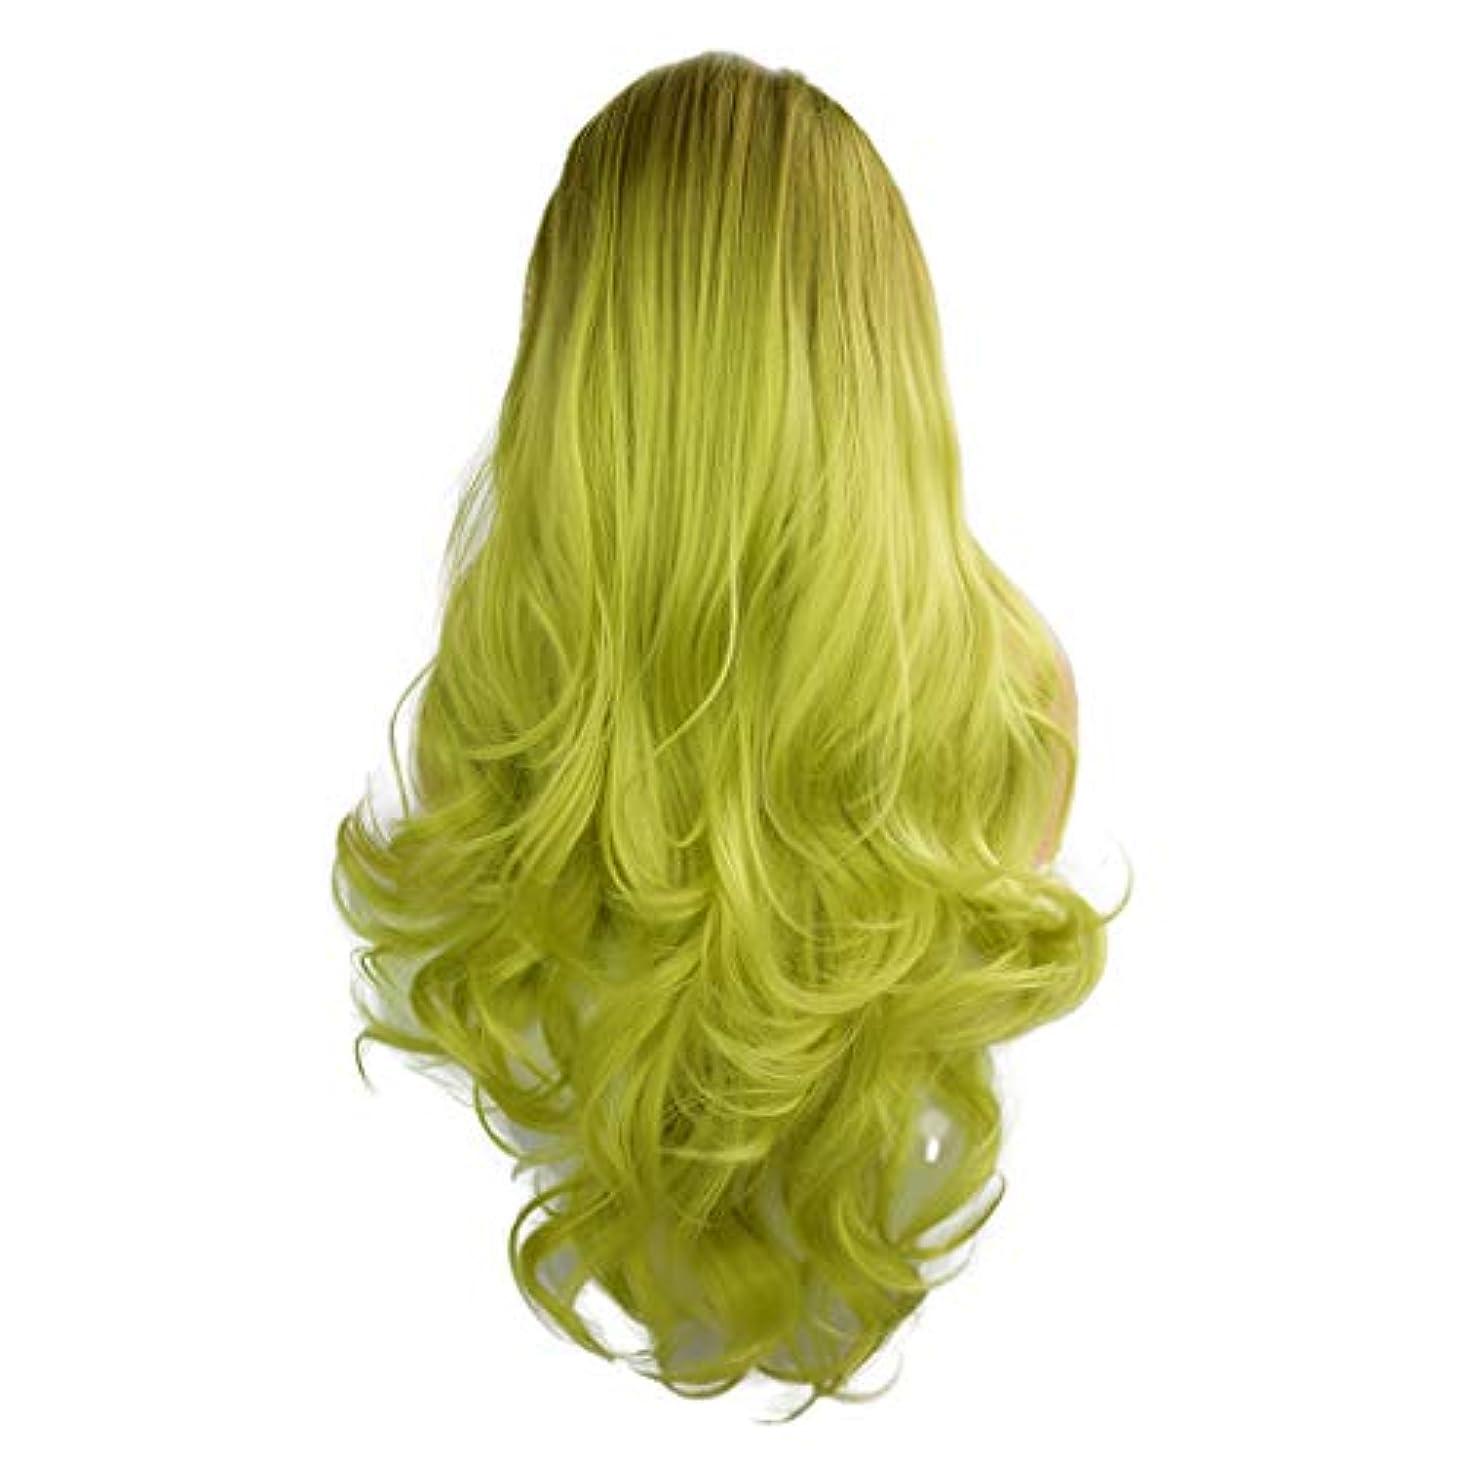 三十寄付権限を与えるかつらグラデーション長い巻き毛のフロントレースファッションかつら26インチ